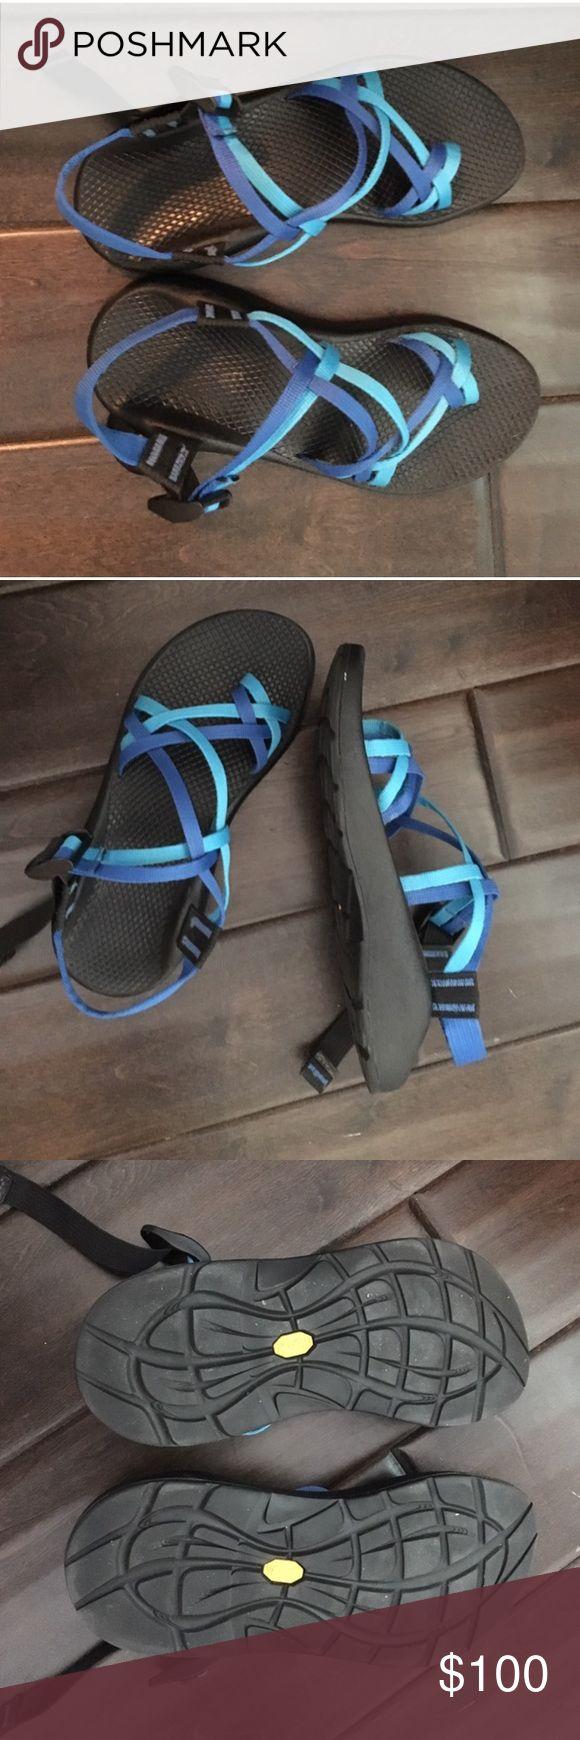 Chaco Zx/2 Yampa Women's toe loop sport sandal